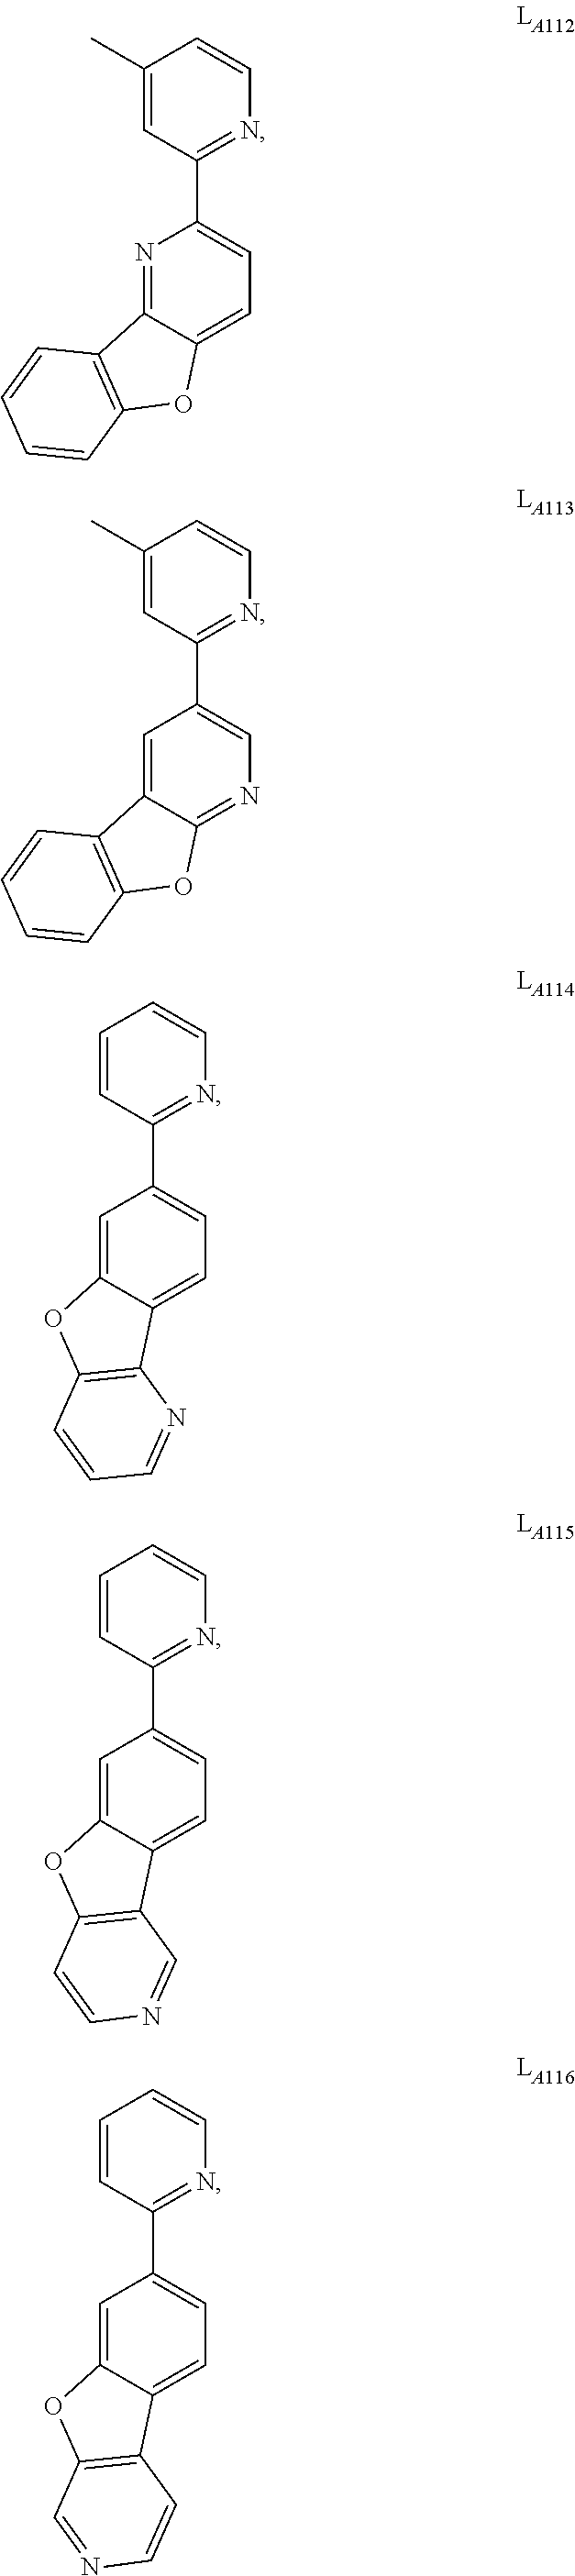 Figure US09634264-20170425-C00026